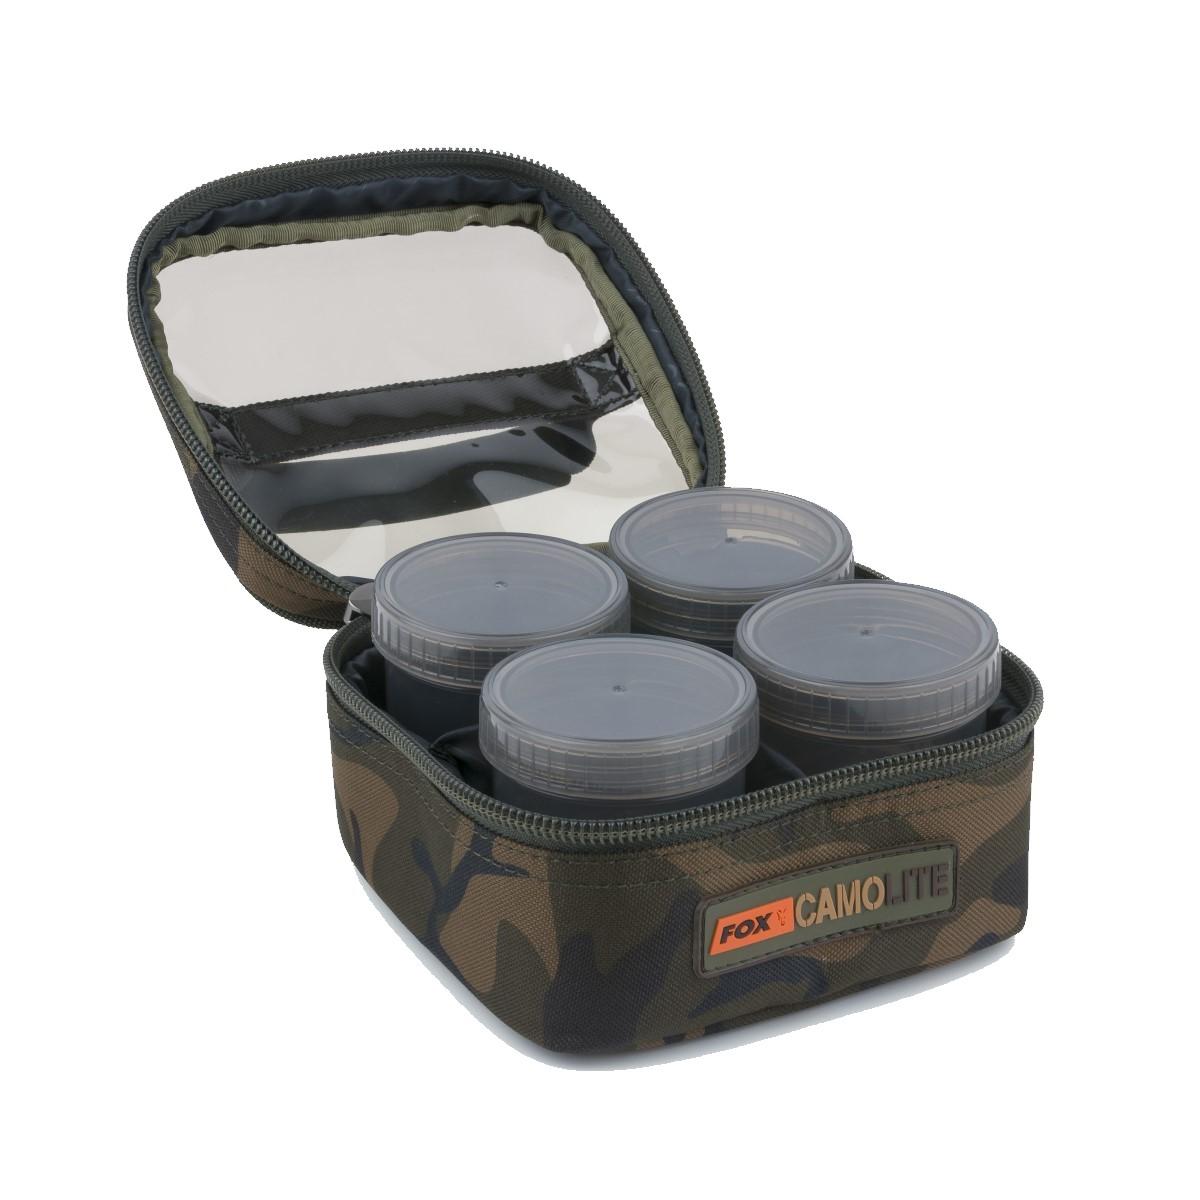 Чанта с бурканчета за стръв Fox Camolite Glug 6 Pot Case